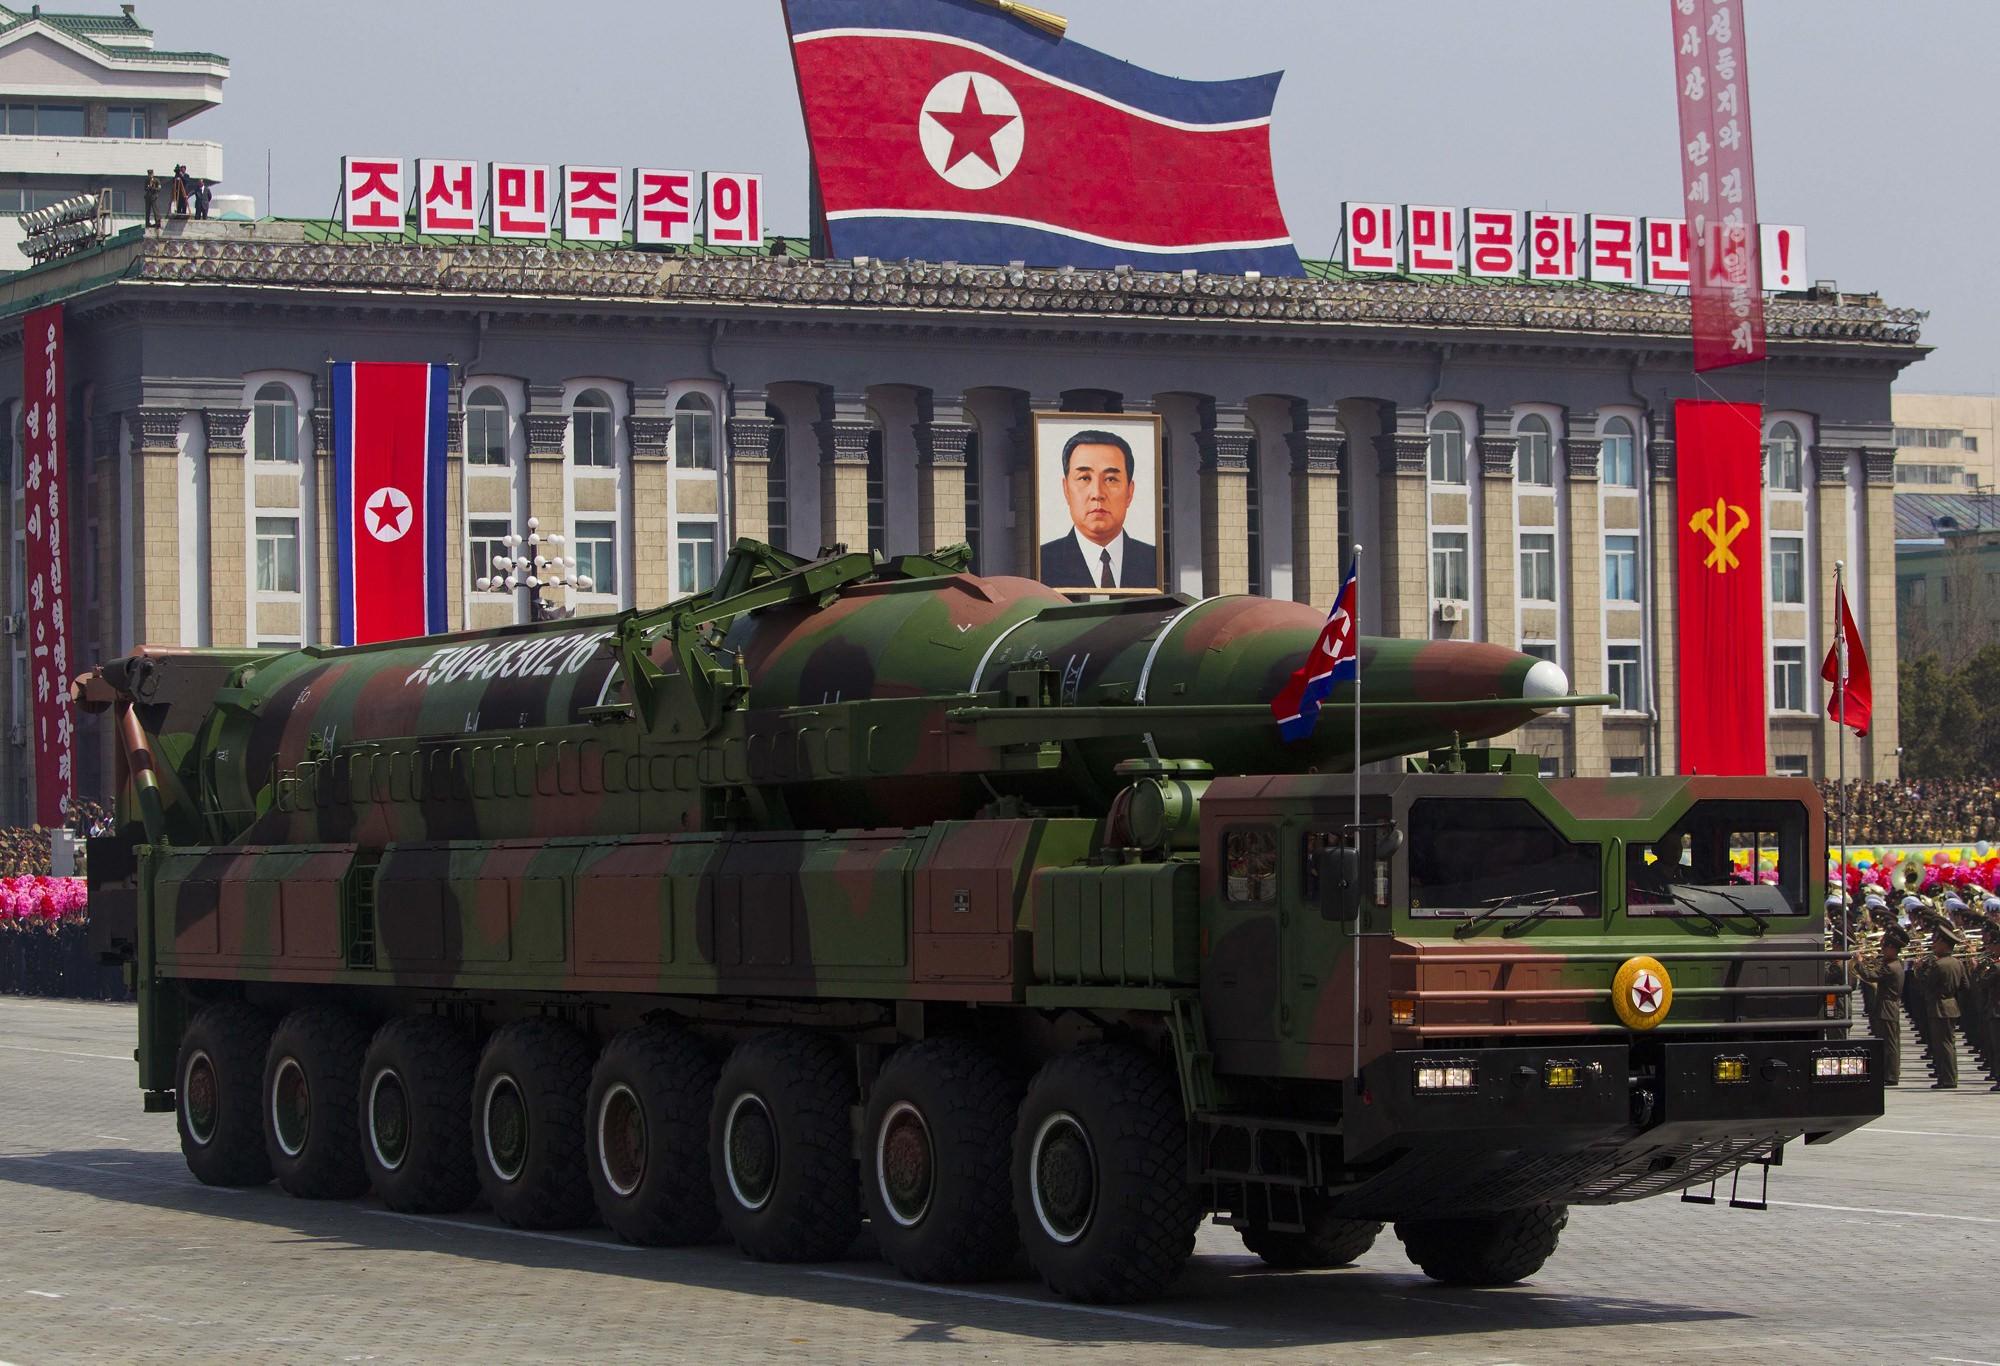 Coreia do Norte teria 21 bombas nucleares, segundo especialistas